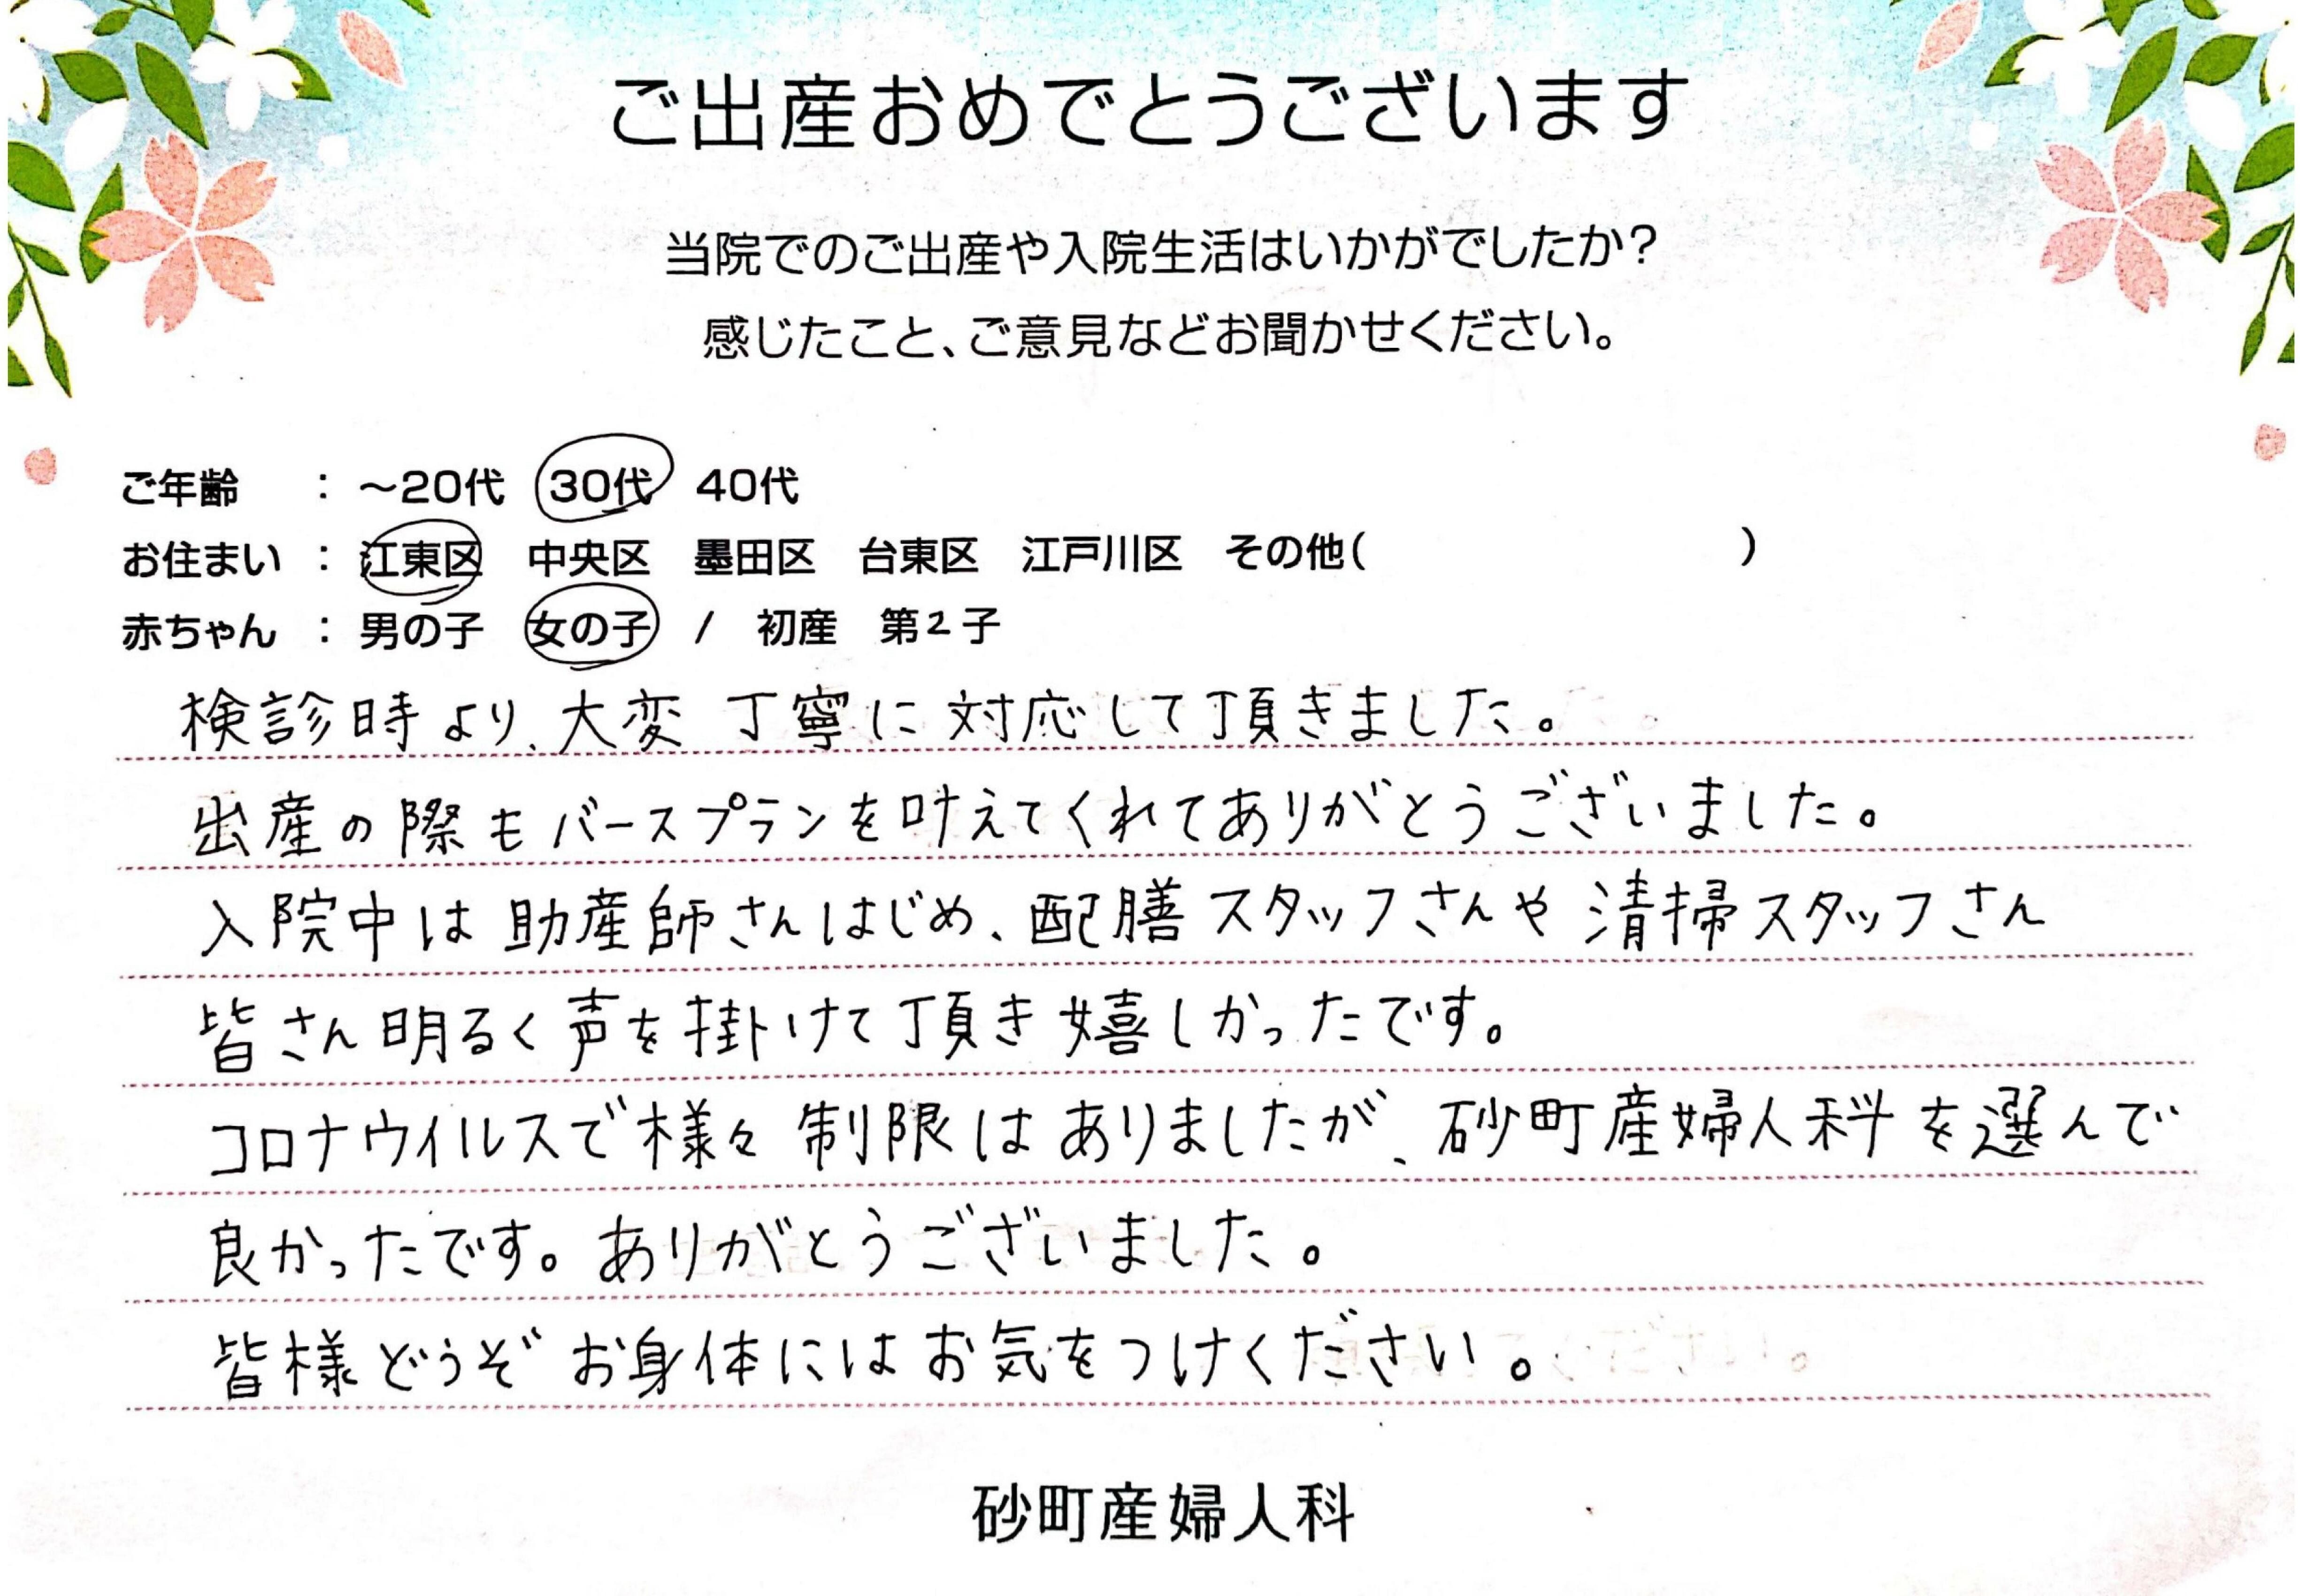 お産アンケート7月分(砂町産婦人科)